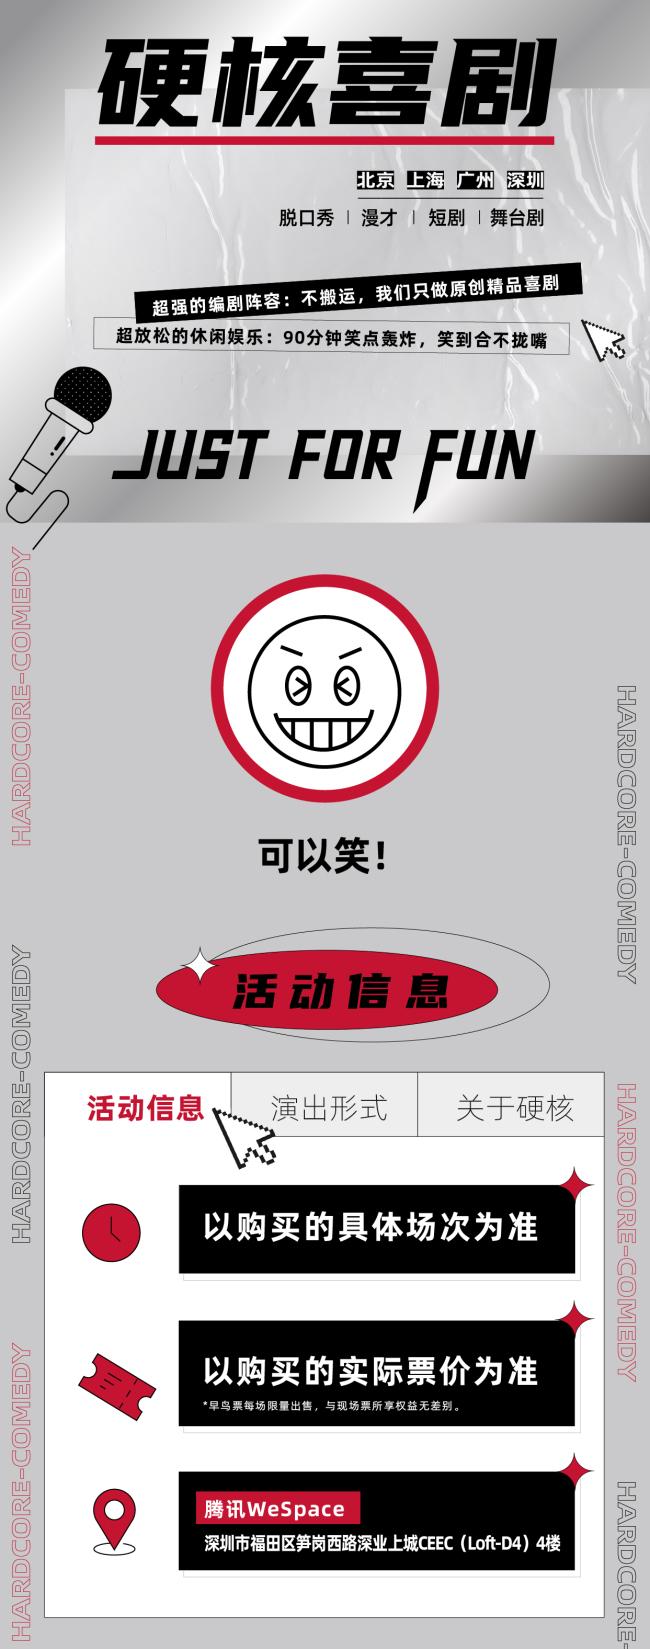 解压周五/周六|硬核喜剧脱口秀(深圳·福田)演出详情一览(附购票入口)